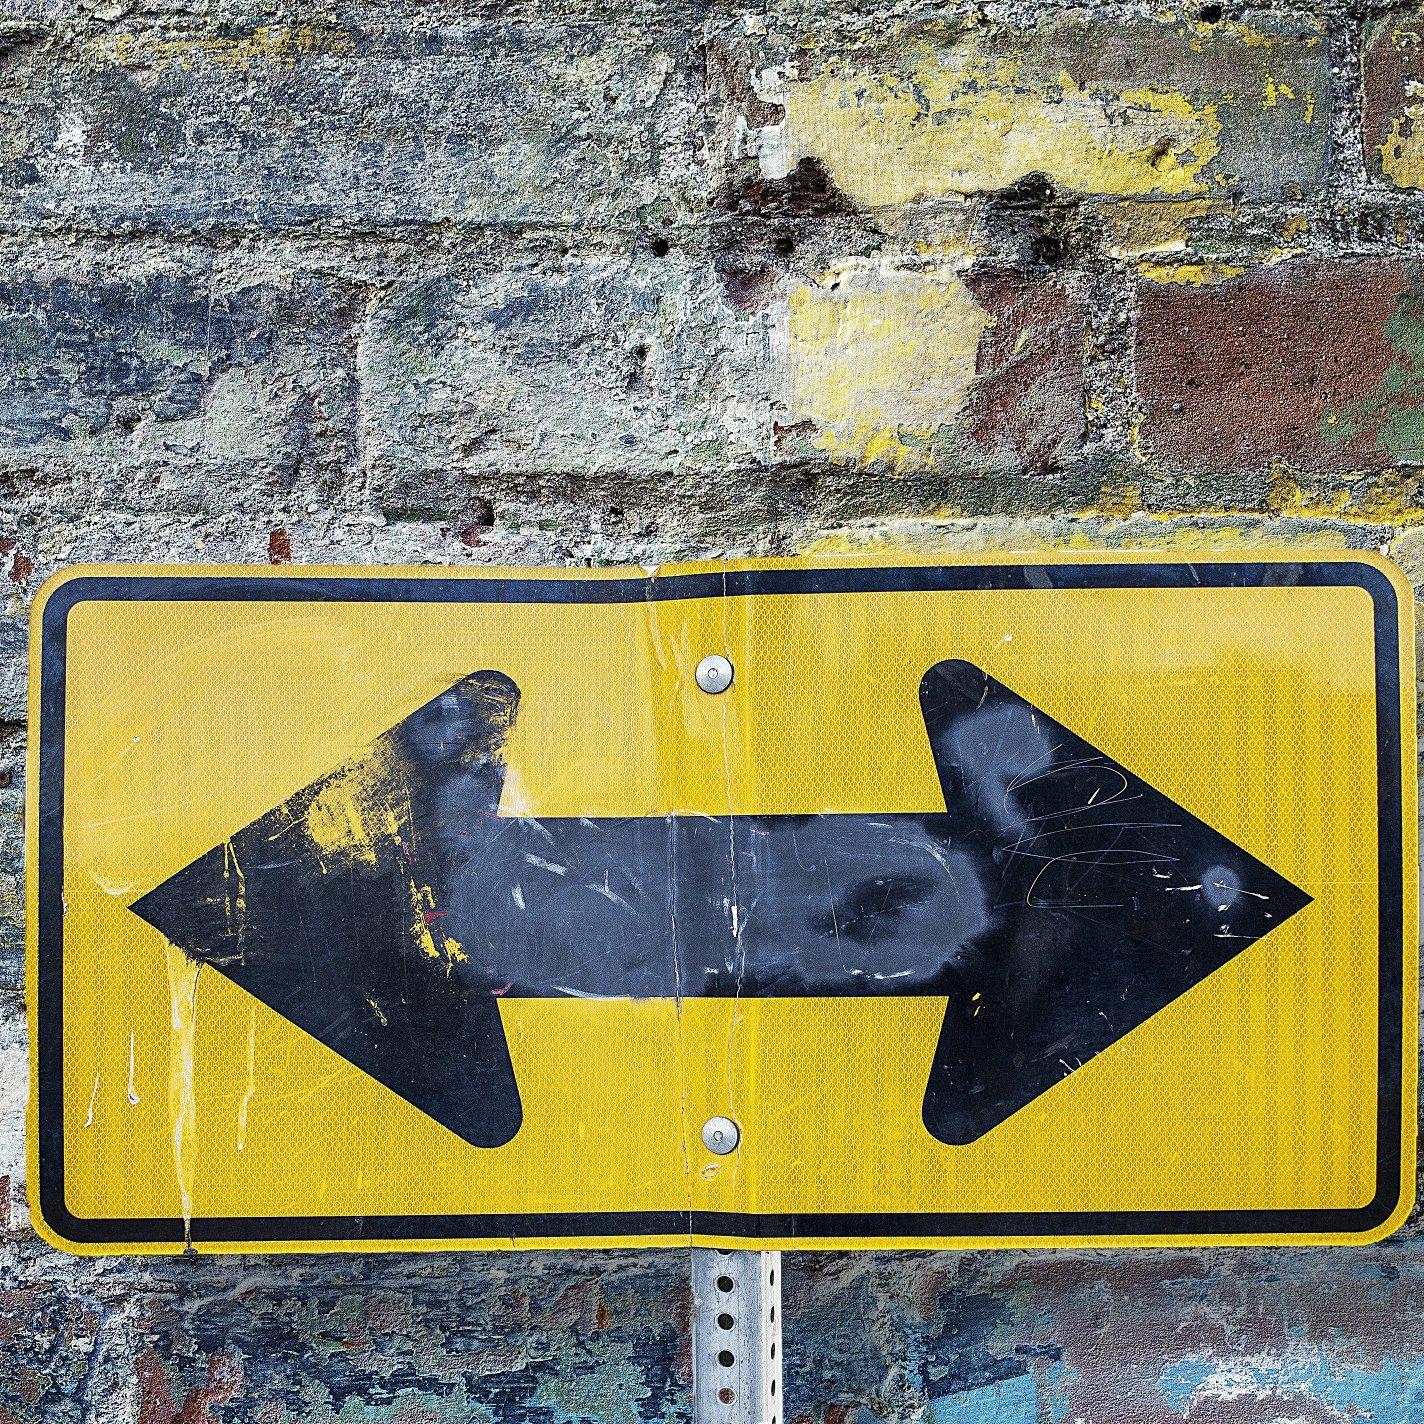 señal de transito